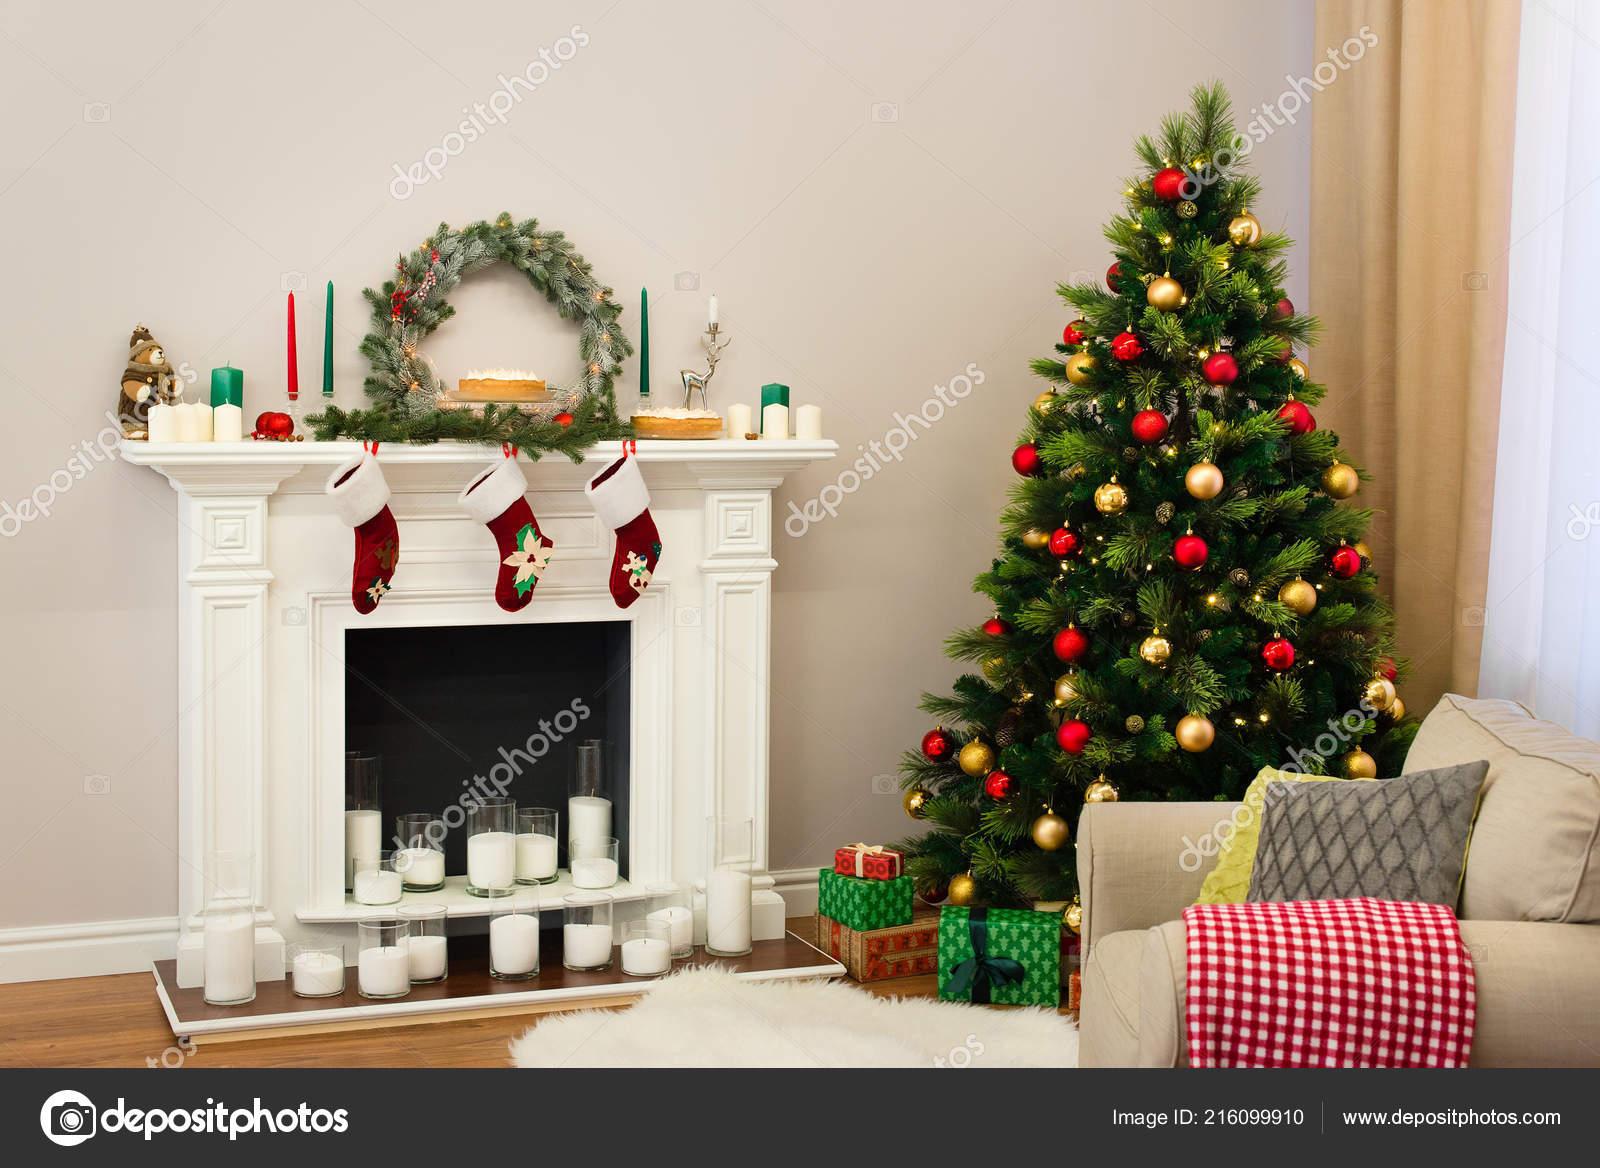 nouvel décoration maison avec beau arbre plein jouets colorés une